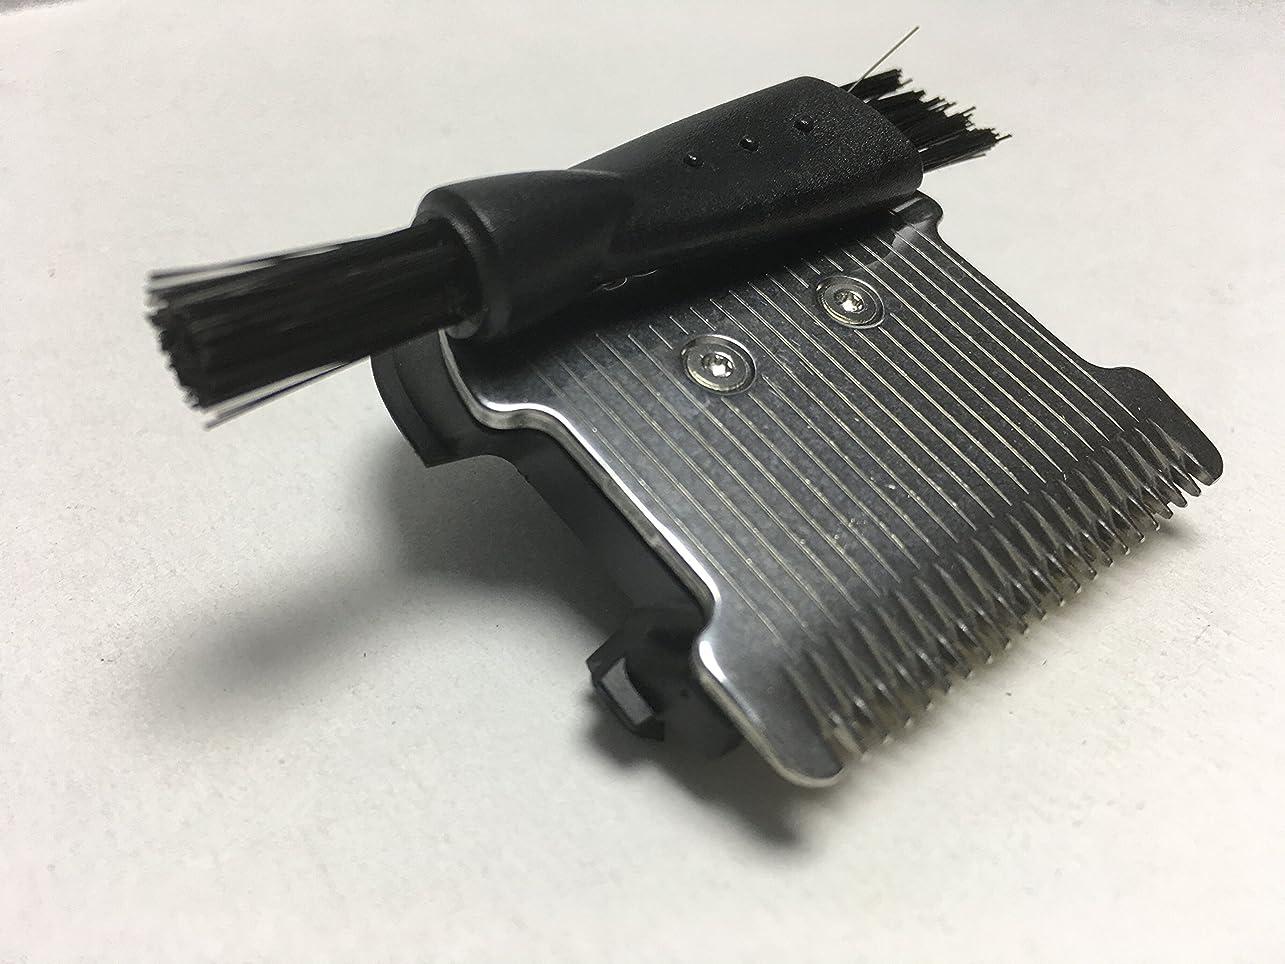 結婚とらえどころのない通信するシェーバーヘッドバーバーブレード フィリップス Philips HC9490 HC9452/15 HC9490/15 Series 9000 フィリップス ノレッコ ワン?ブレード 交換用ブレード Shaver Razor Head Blade clipper Cutter